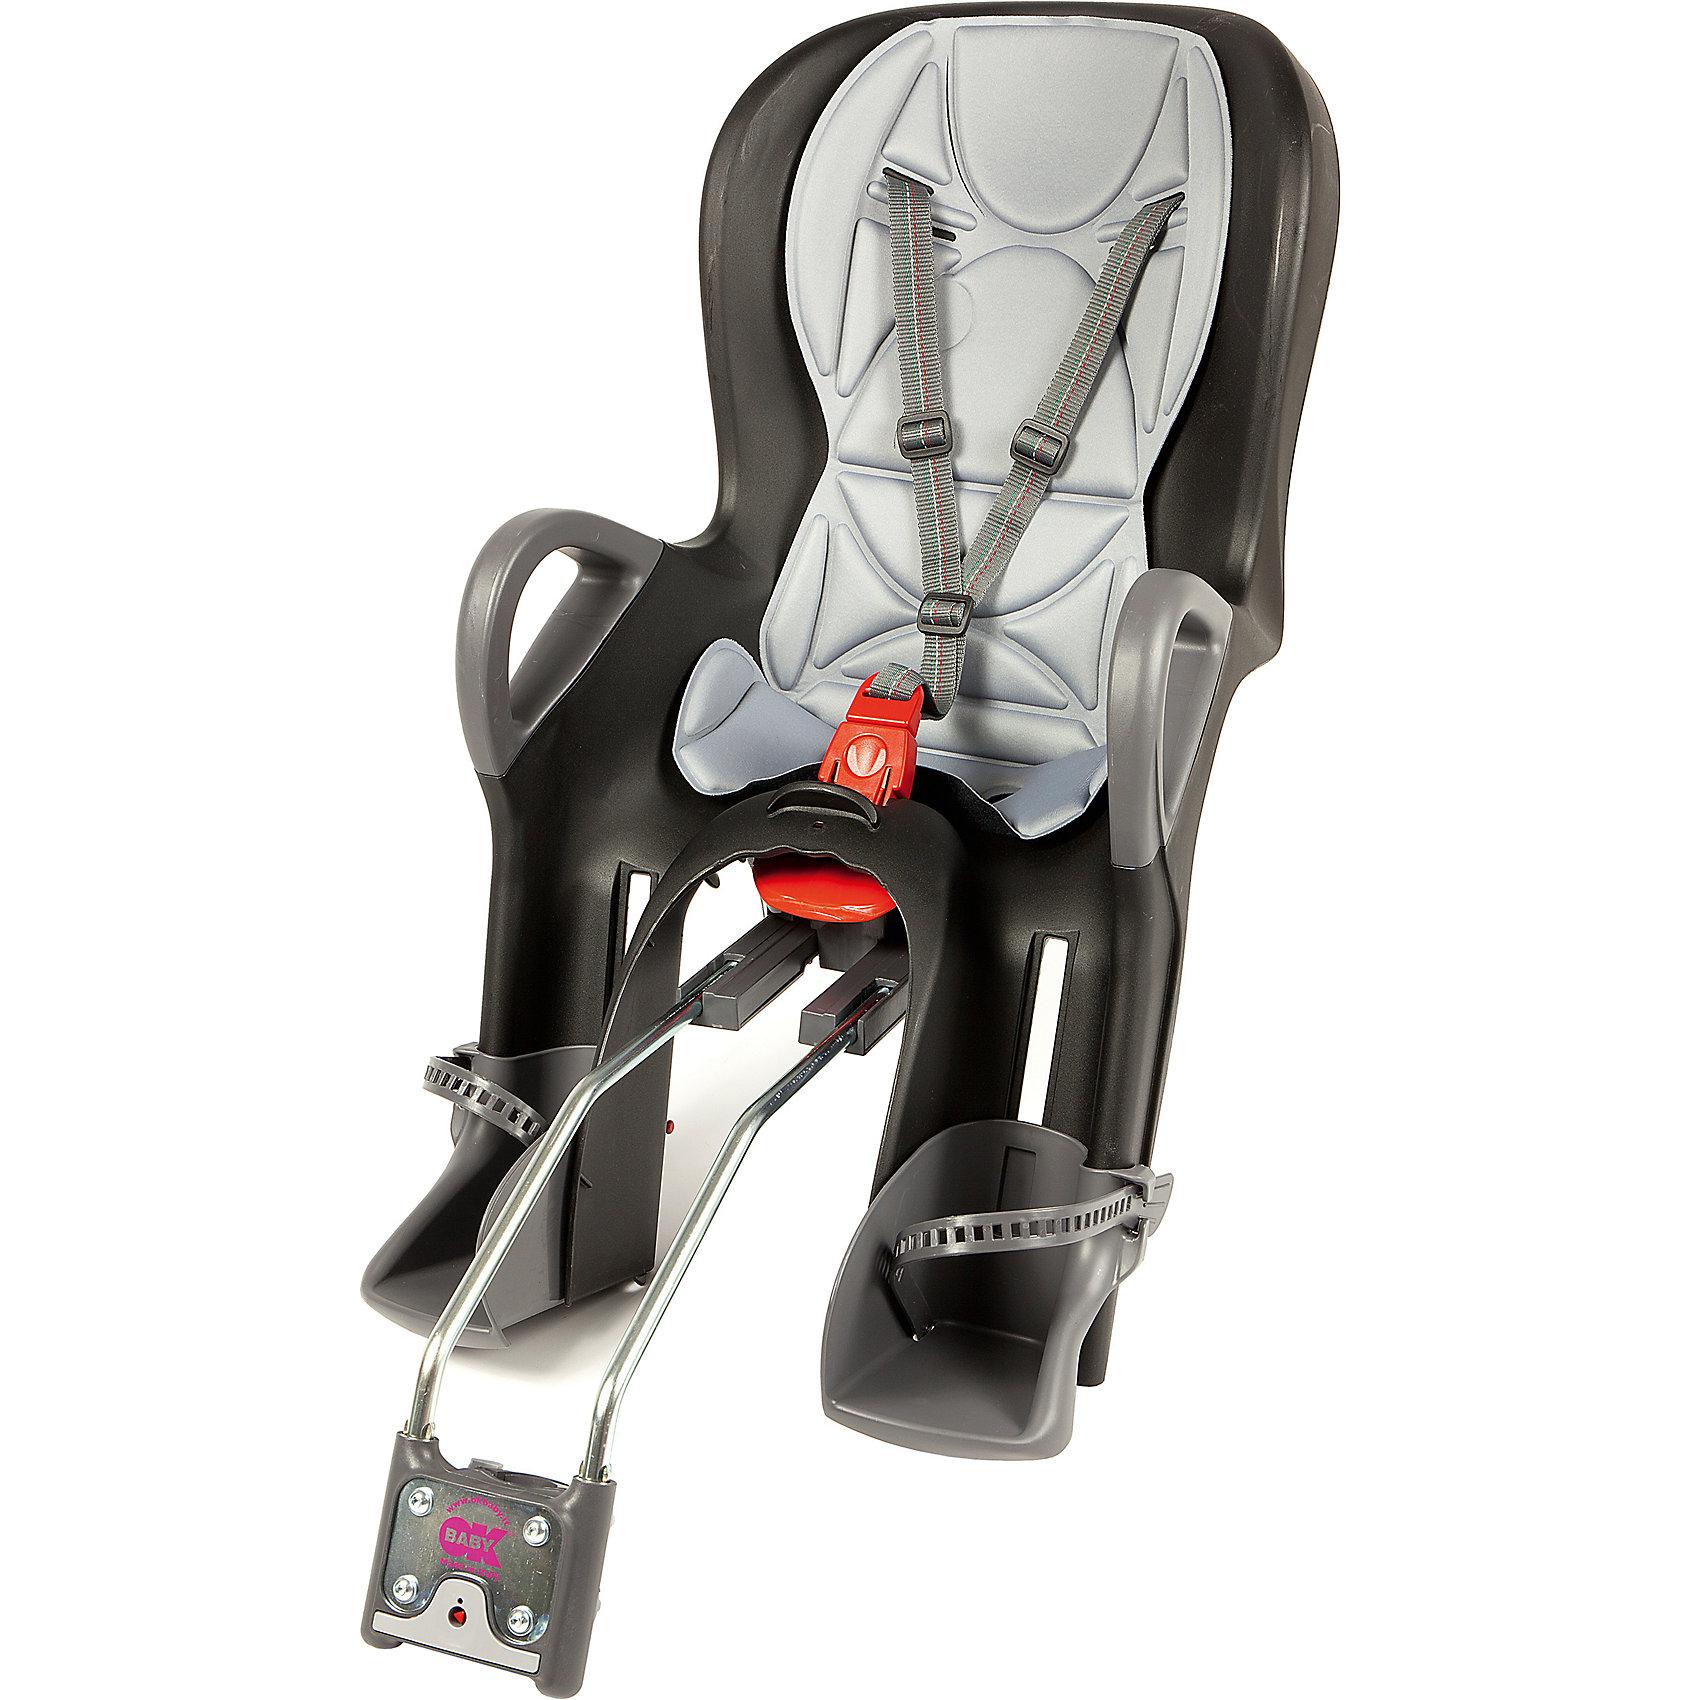 Велосипедное кресло 10+, черный/серый, Ok BabyВелосипедное кресло, Ok Baby, идеально подходит для перевозки детей весом до 22 кг. на велосипедах. Кресло надежно крепится в задней части велосипеда. Благодаря эргономичной форме и термической водоотталкивающей обивке кресла, поездка в нем будет комфортна в<br>любую погоду. Кресло имеет 8 регулировок продольного перемещения относительно седла велосипеда, что позволяет использовать его практически на любых моделях велосипедов. Наклон спинки можно регулировать в 7 положениях, выбрав наиболее удобное для ребенка. При этом<br>не будет нарушена управляемость и устойчивость велосипеда. Ребенок надежно удерживается в кресле 3-точечными ремнями безопасности, удобные подставки для ног регулируются по высоте. Специальная система ABS удерживает центр тяжести велокресла в правильном<br>положении. Сигнализатор закрепления указывает на правильность прикрепления сиденья к велосипеду. Для повышения безопасности в тёмное время суток на дороге, спинка велокресла оборудована светоотражателем с 4 светодиодами, имеющими 4 различные рабочие программы.<br><br><br>Дополнительная информация:<br><br>- Цвет: черный/серый.<br>- Максимальный вес ребенка: 22 кг.<br><br>Велосипедное кресло 10+, черный/серый, Ok Baby, можно купить в нашем интернет-магазине.<br><br>Ширина мм: 500<br>Глубина мм: 450<br>Высота мм: 900<br>Вес г: 5000<br>Возраст от месяцев: 10<br>Возраст до месяцев: 36<br>Пол: Унисекс<br>Возраст: Детский<br>SKU: 4761344